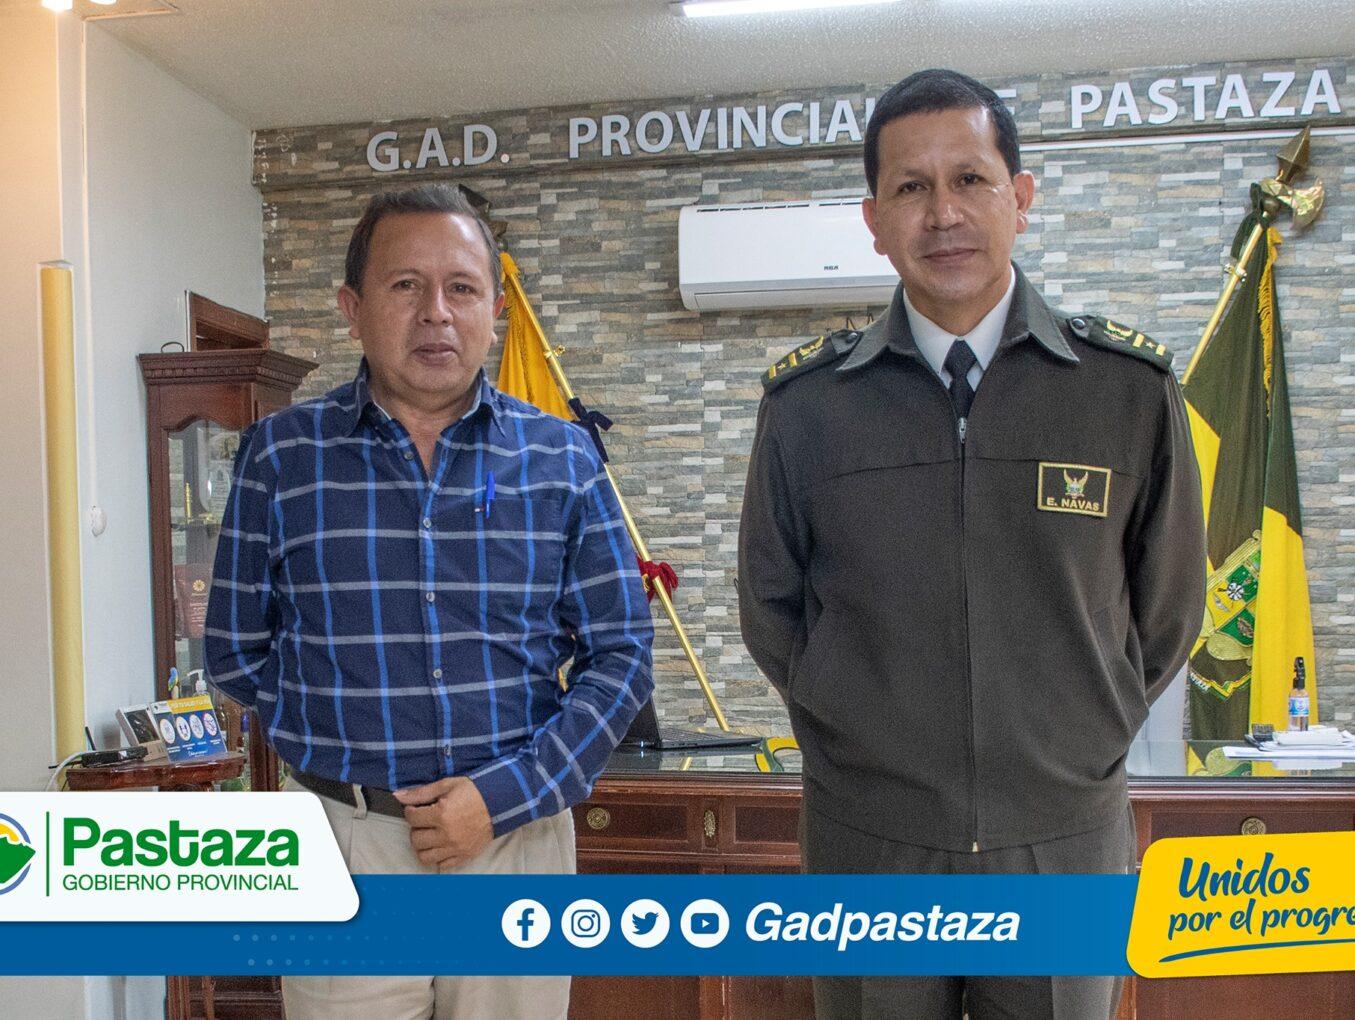 ¡Prefecto recibió en su despacho al Comandante de Policía de la Subzona Pastaza!